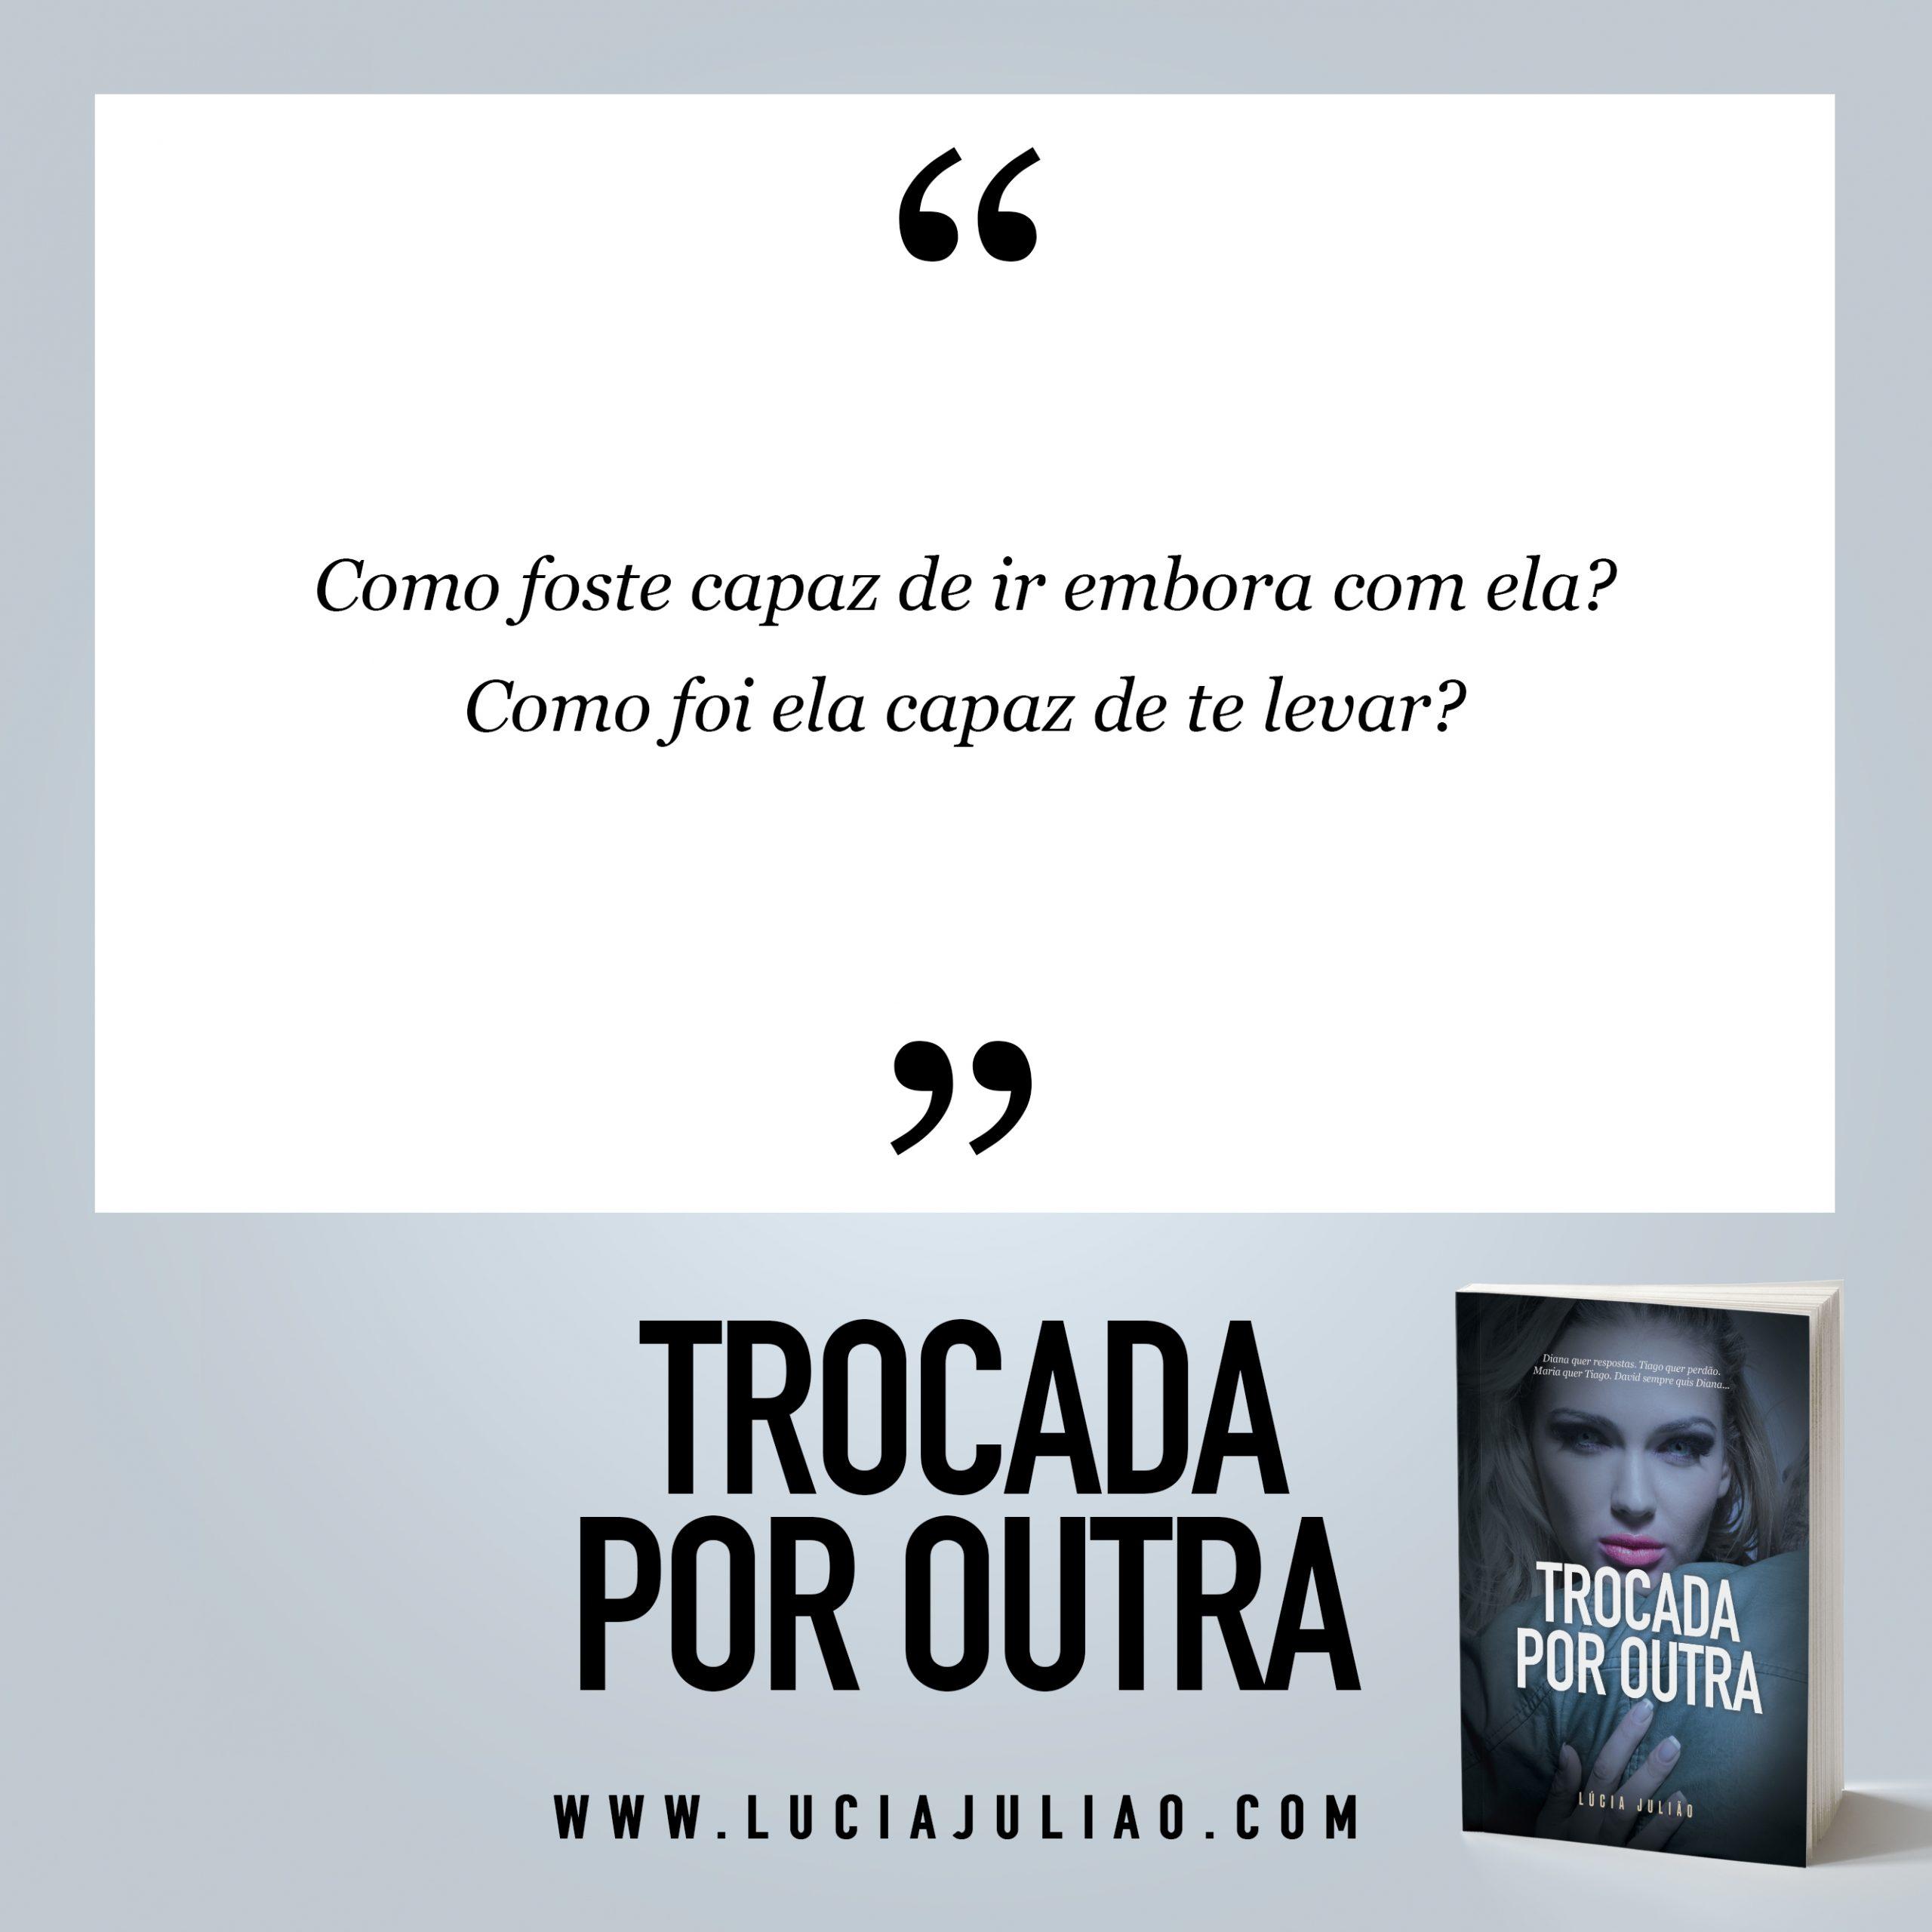 041Q - capitulo 12 Trocada por outra - Lúcia Julião